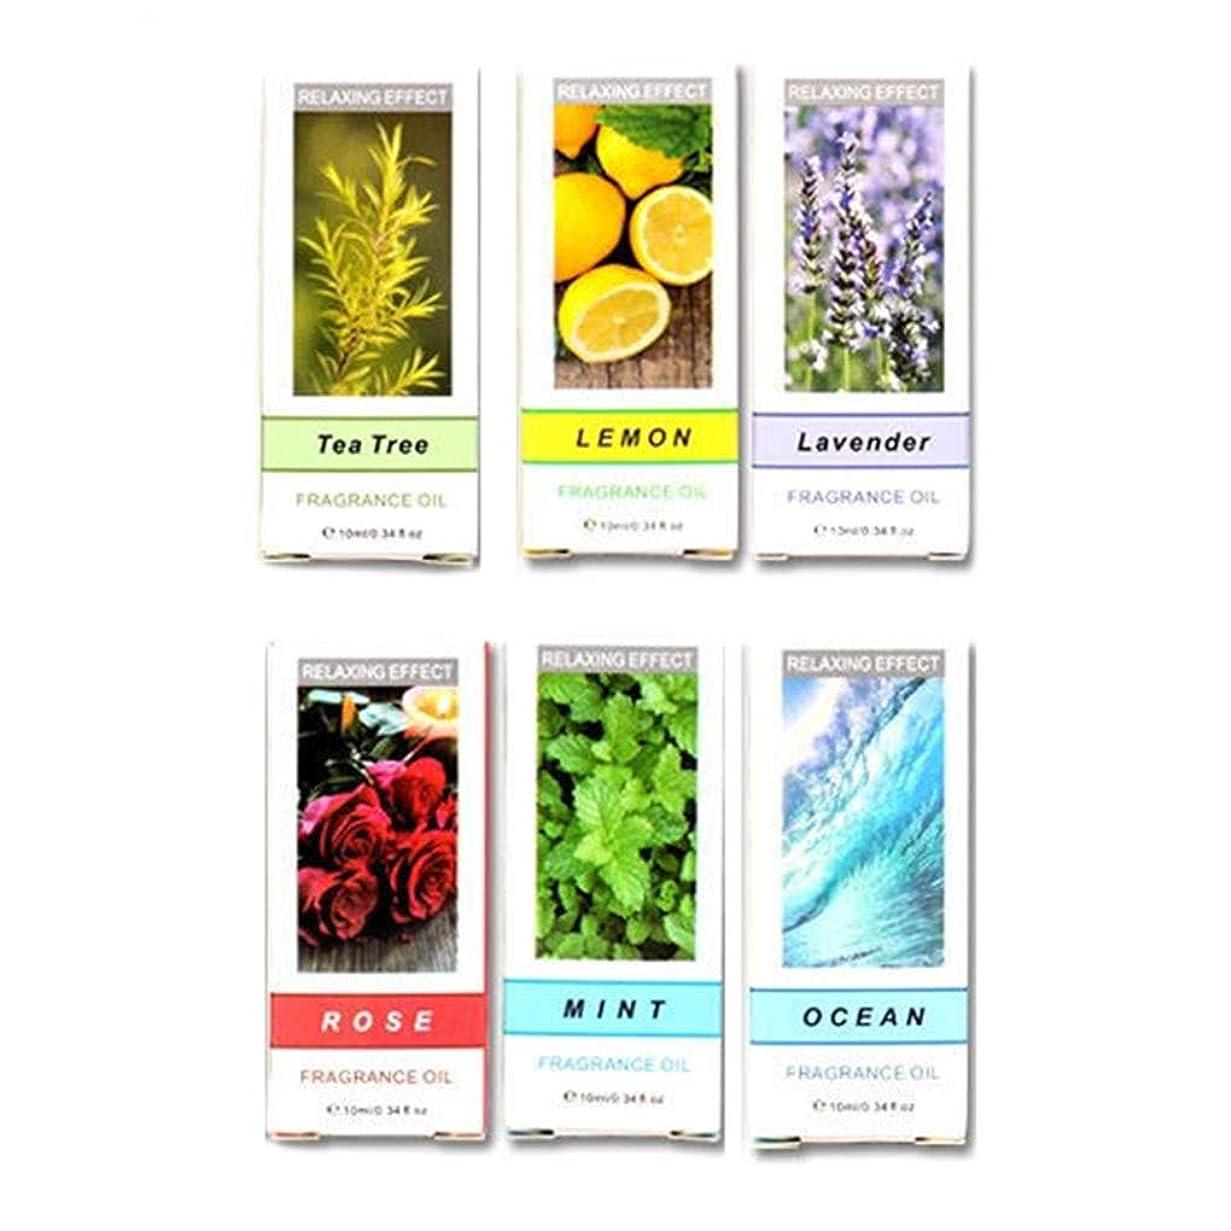 ワックス郵便物不名誉Topfires エッセンシャルオイル(天然水溶性) 10ml 6本入り(レモン+ティーツリー+ローズ+ミント+ラベンダー+オーシャン) 天然100%植物性 エッセンシャルオイル アロマオイル アロマ